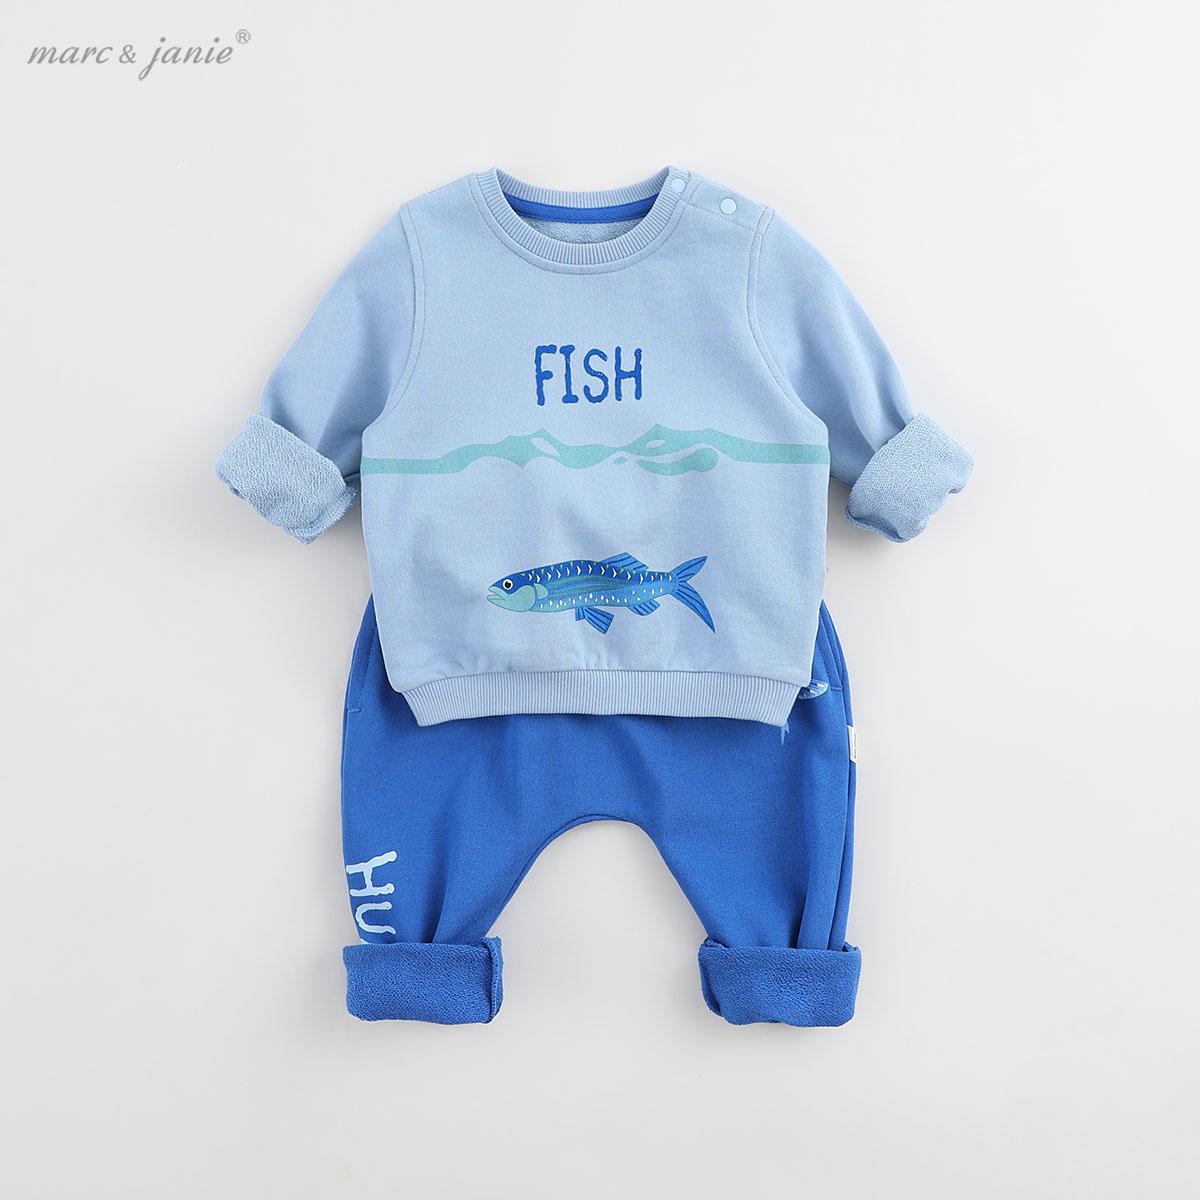 马克珍妮秋装男女童运动套装婴儿宝宝秋季卫衣套装